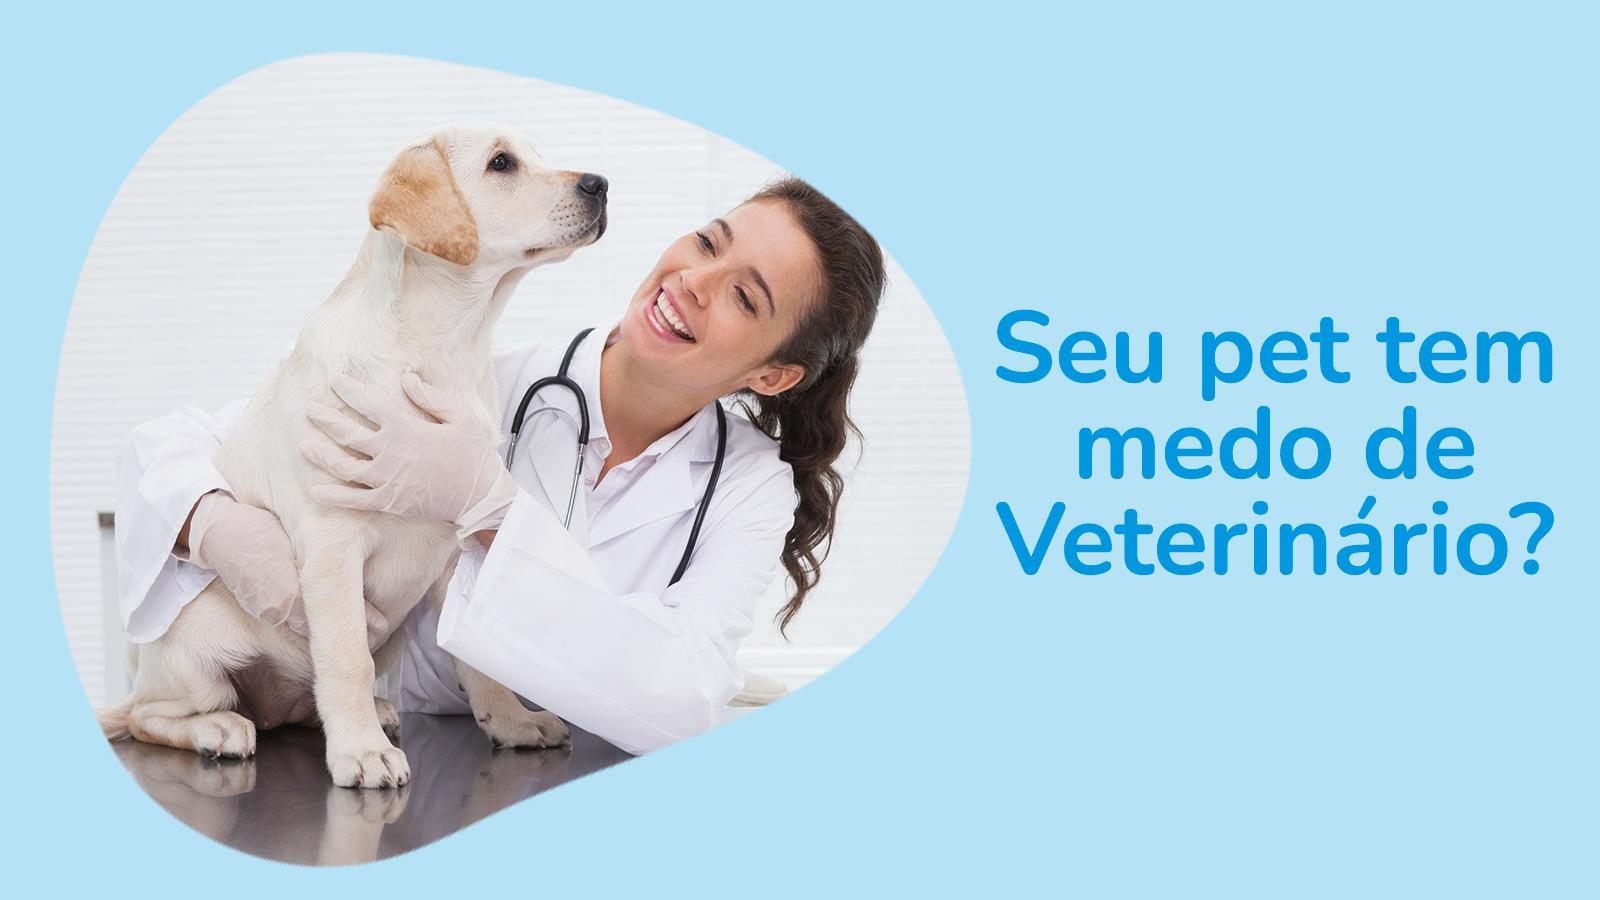 Seu pet tem medo de veterinário?